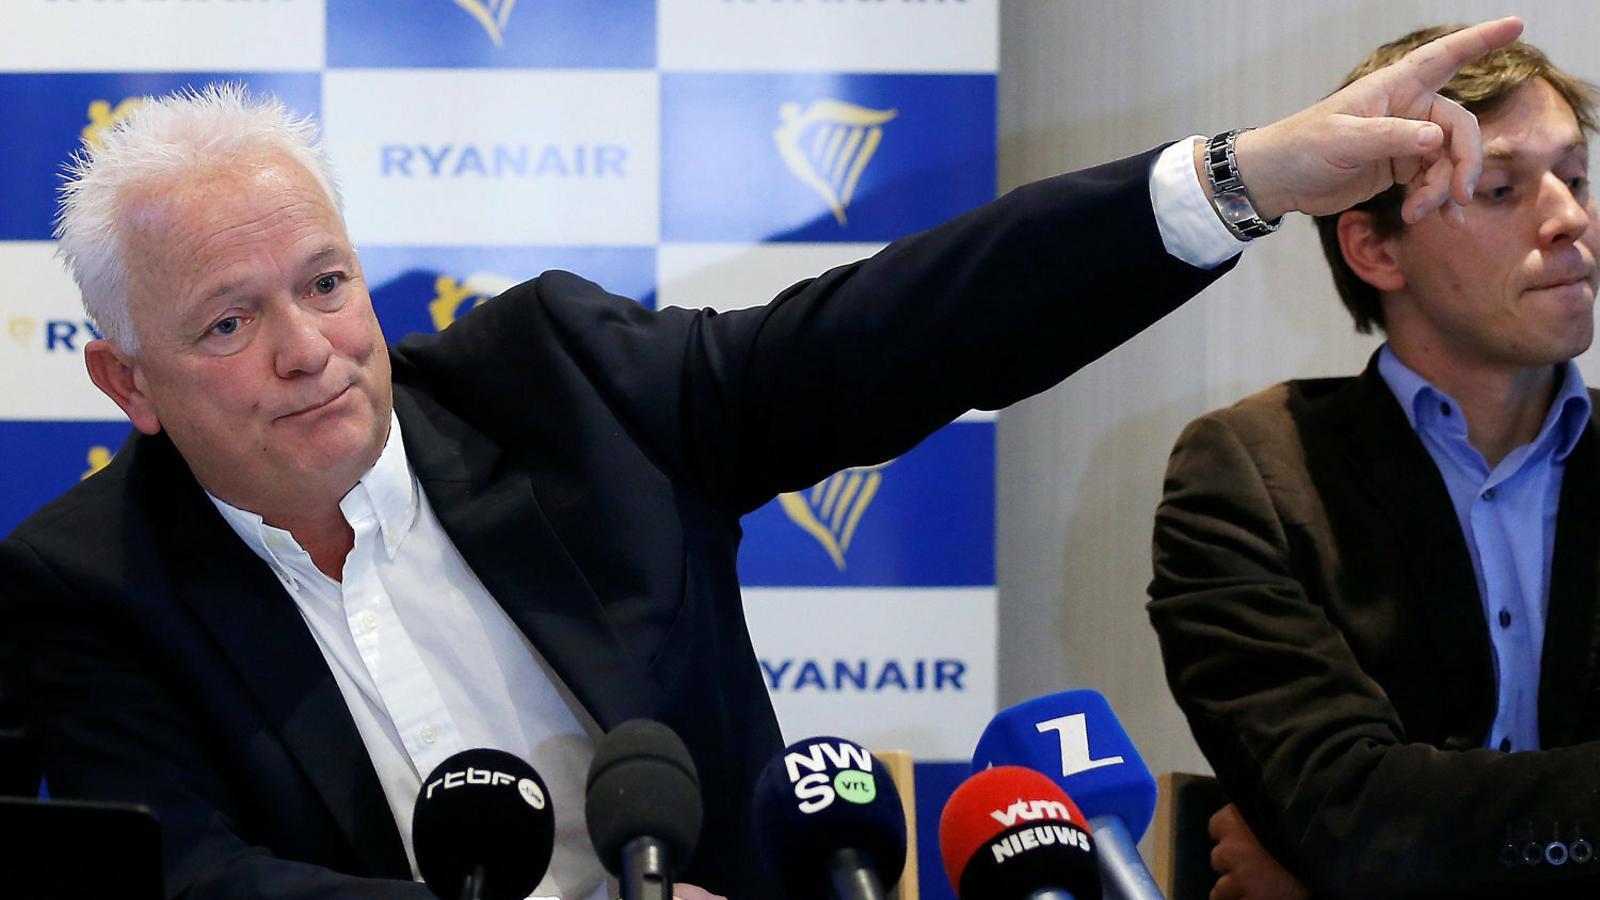 Ryanair nomena nou conseller delegat, que amenaça els vaguistes